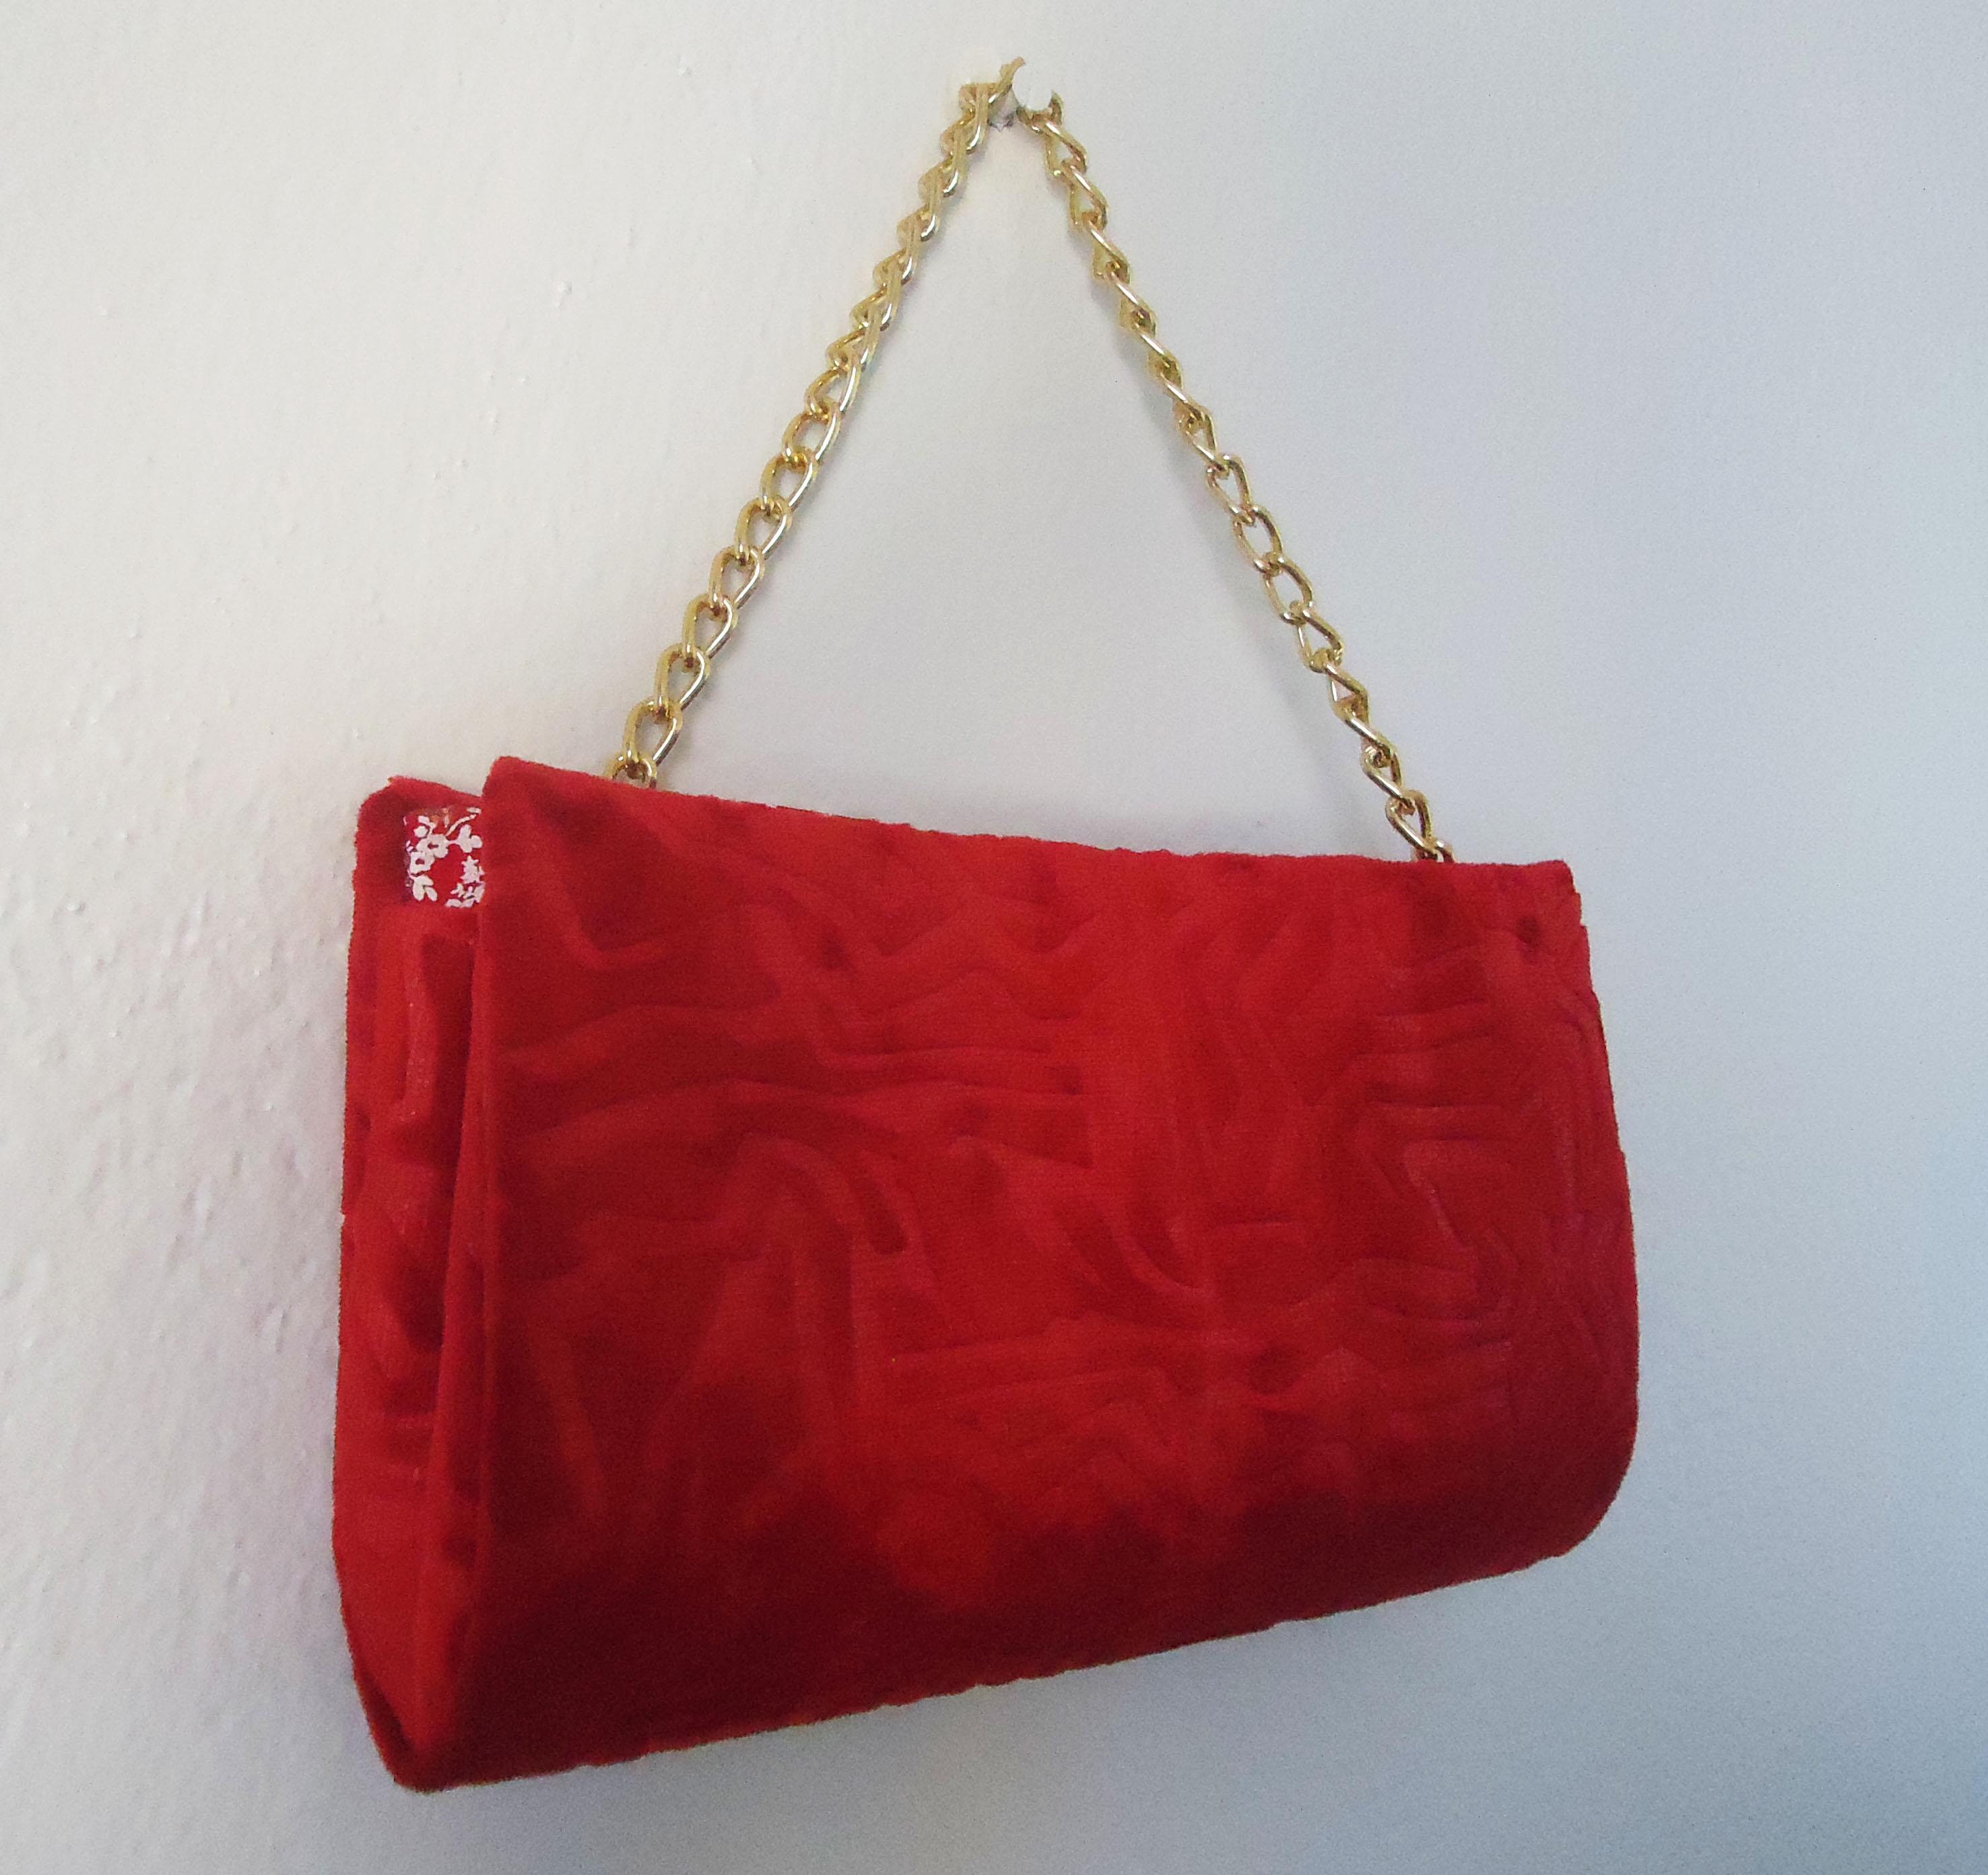 Bolsa De Festa Feita Com Caixa De Leite : Bolsa de festa fashion studio art casa elo